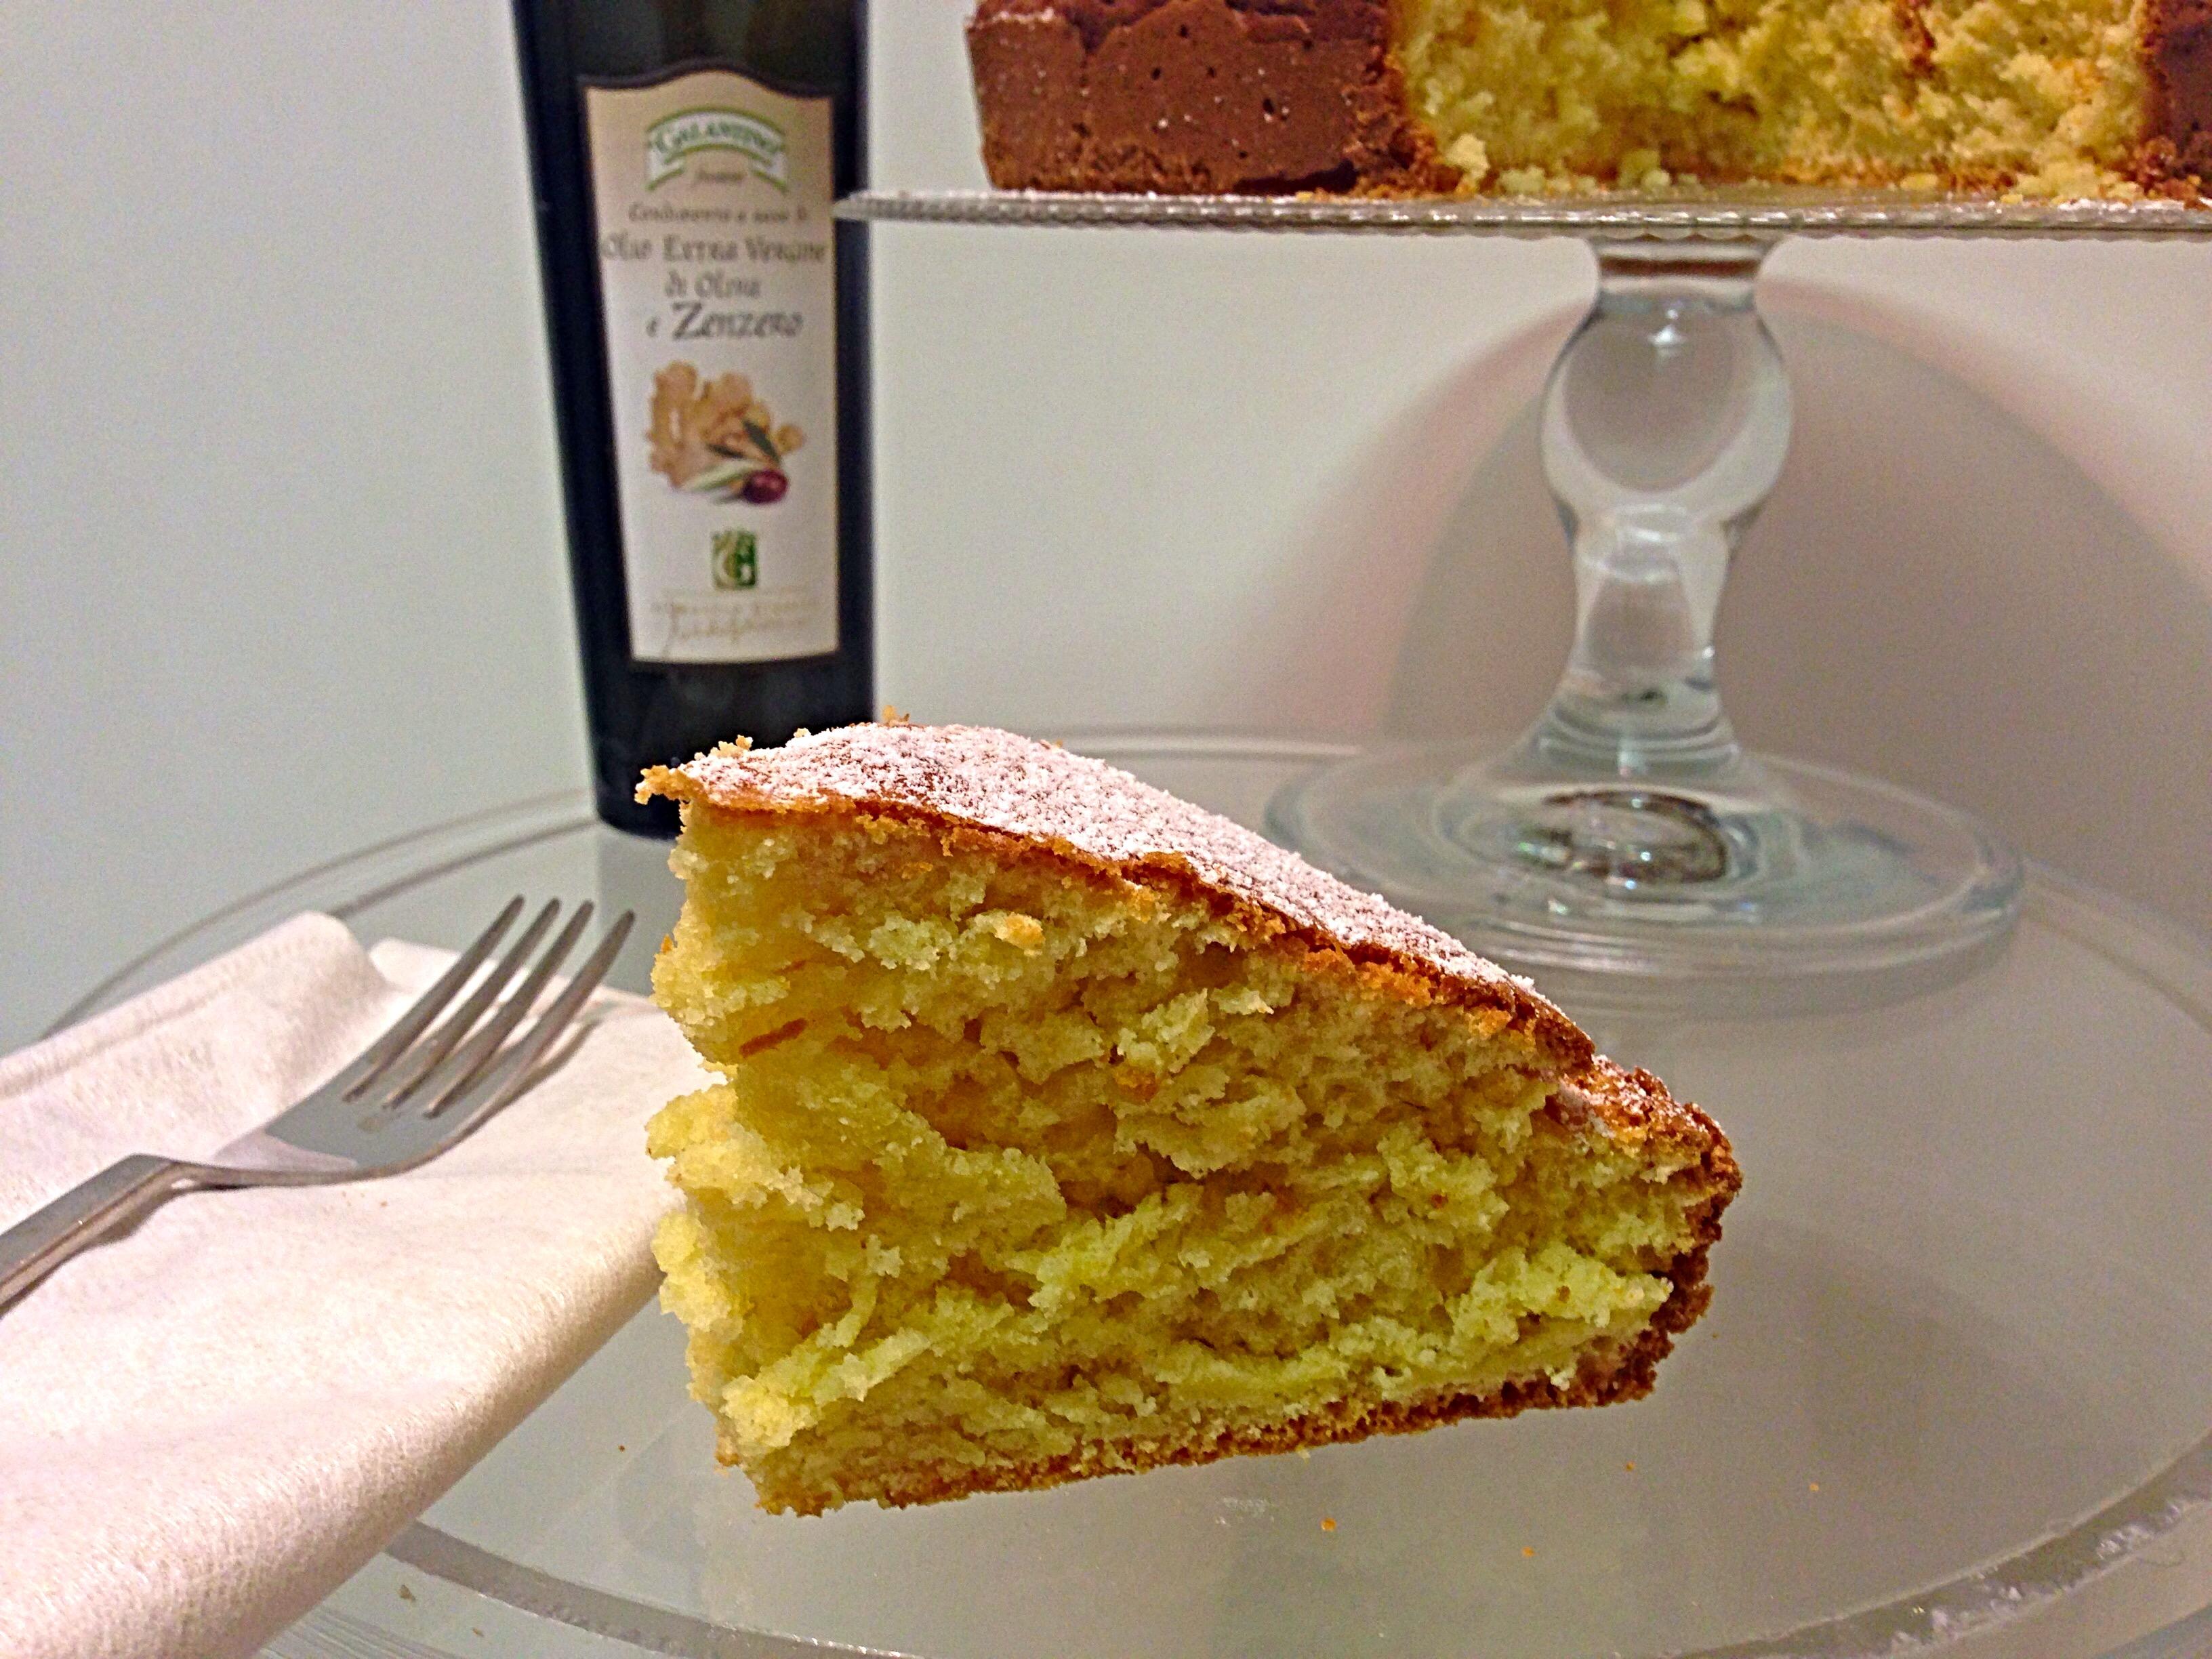 Torta soffice al limone senza burro, il dolce all'olio goloso e leggero profumato allo zenzero di dolci senza burro